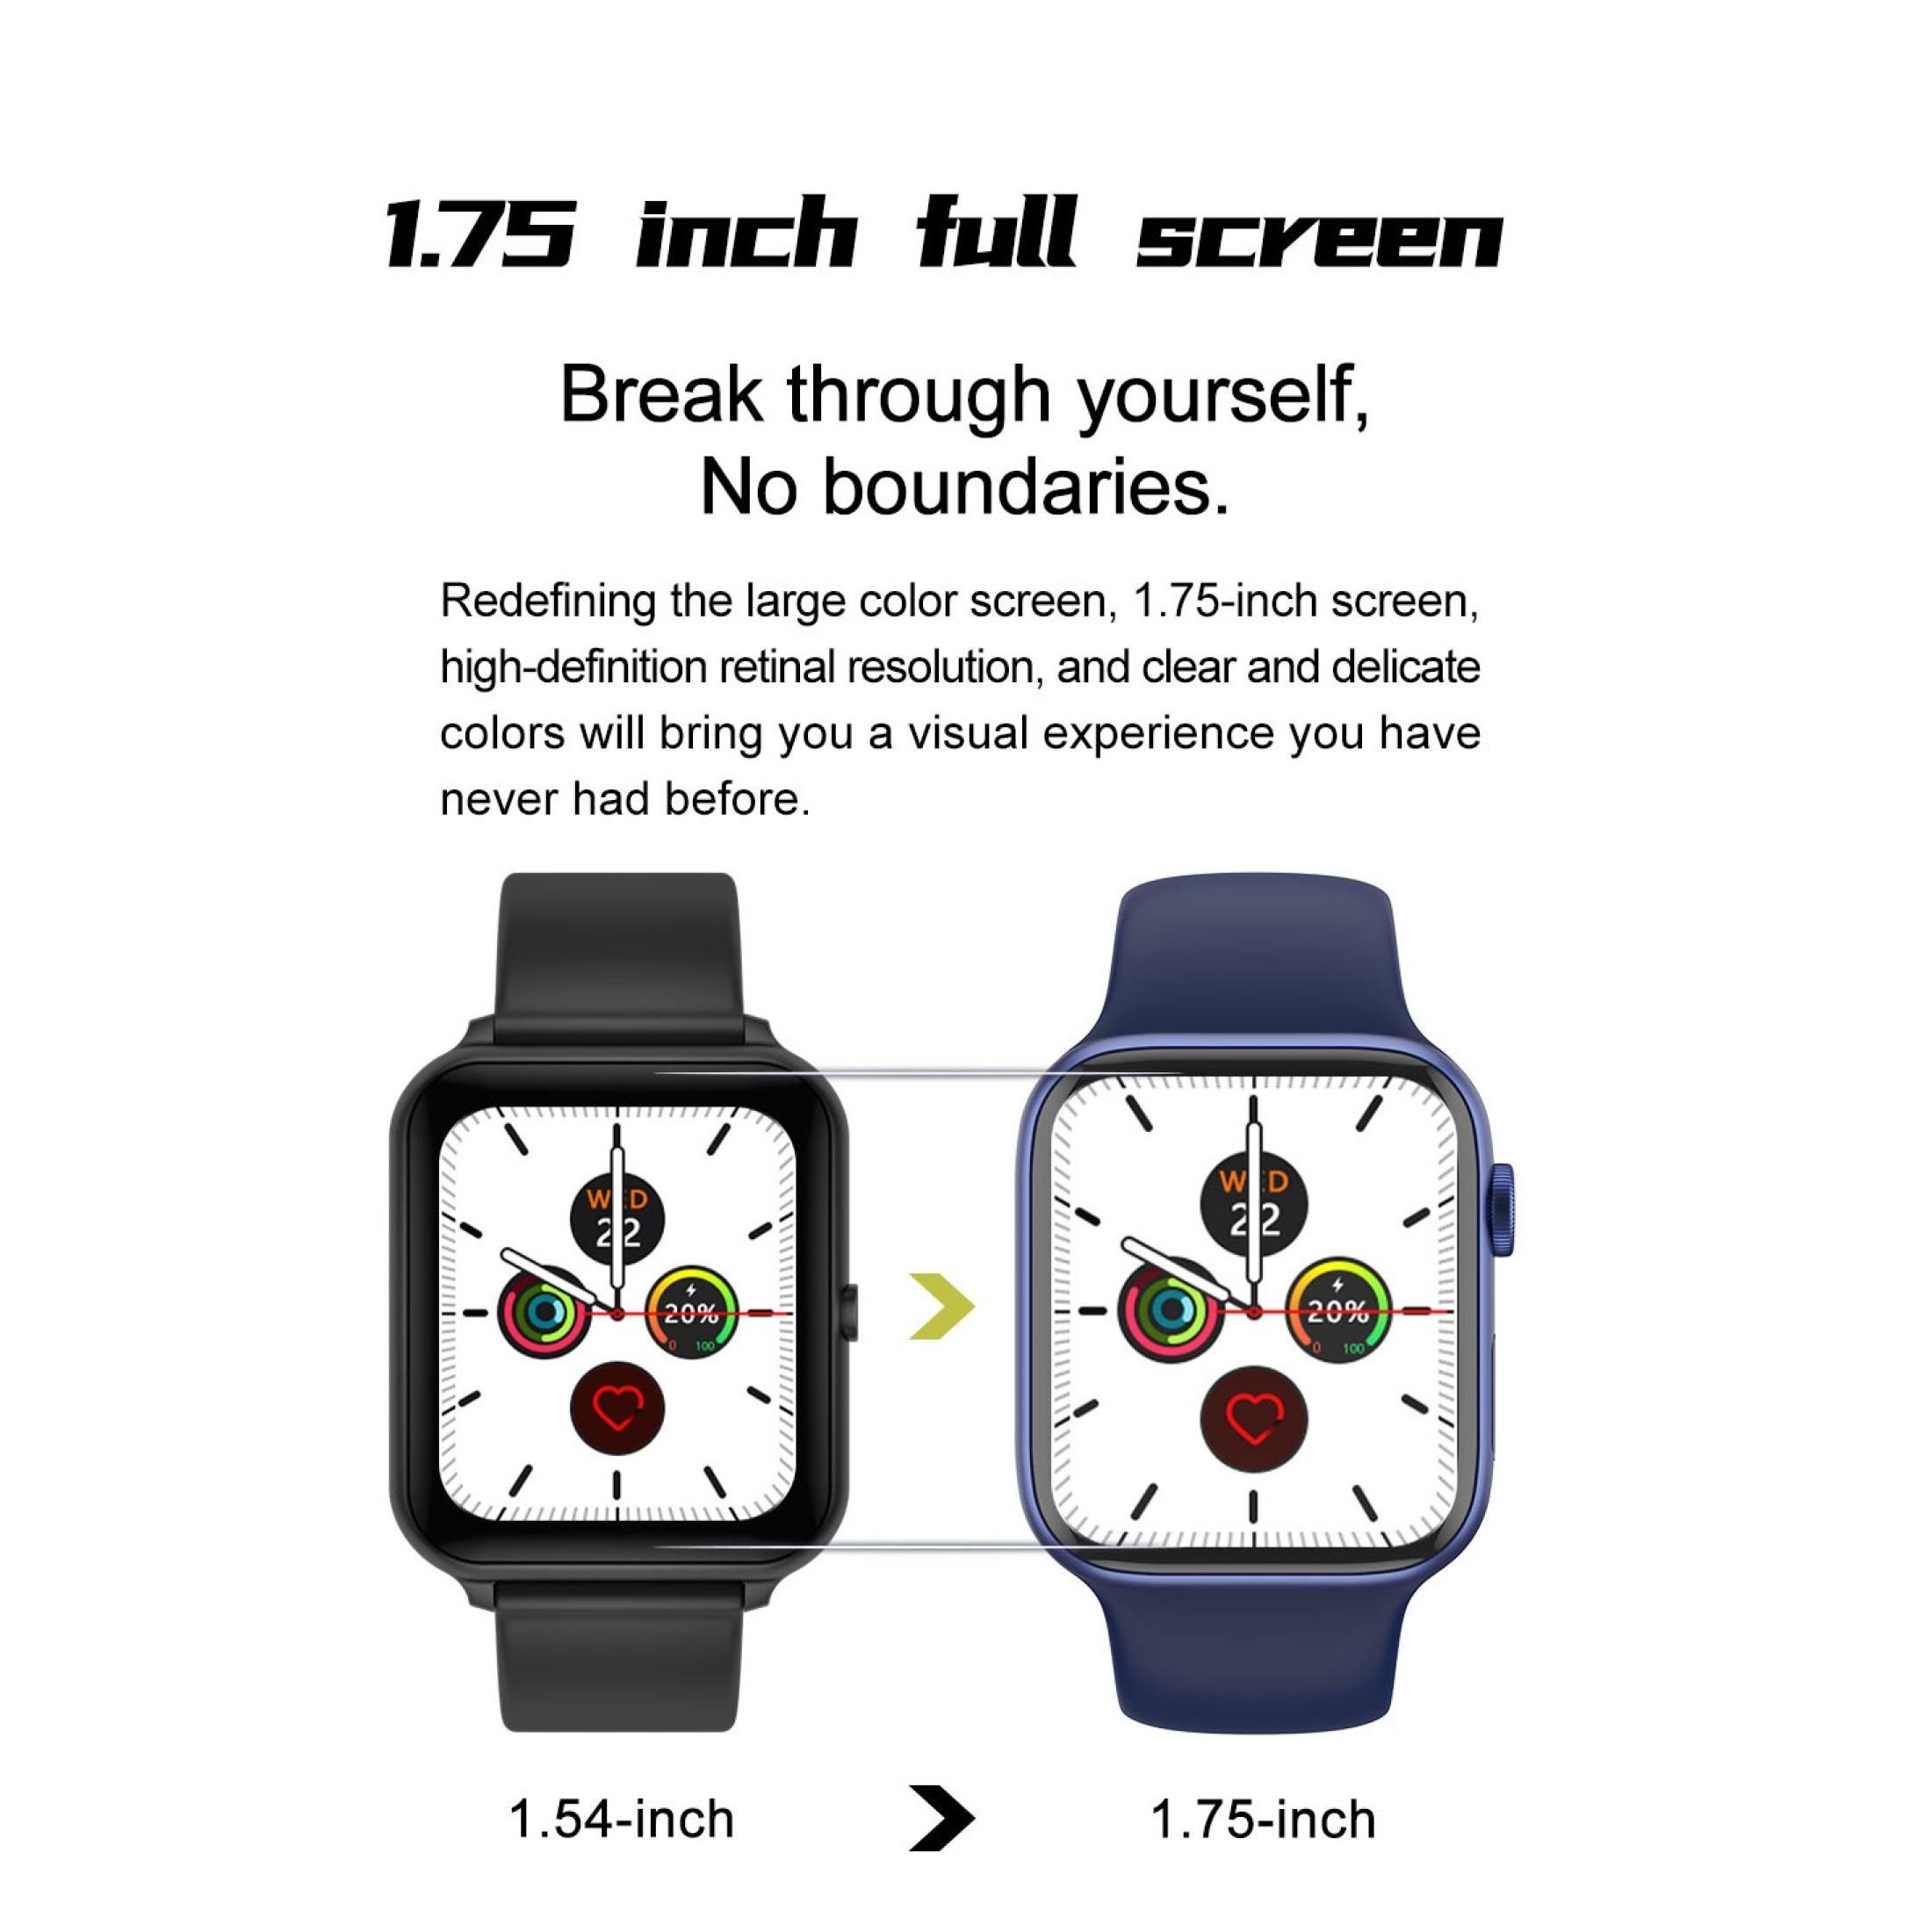 ساعت هوشمند FK75 2 - ساعت هوشمند مدل FK75